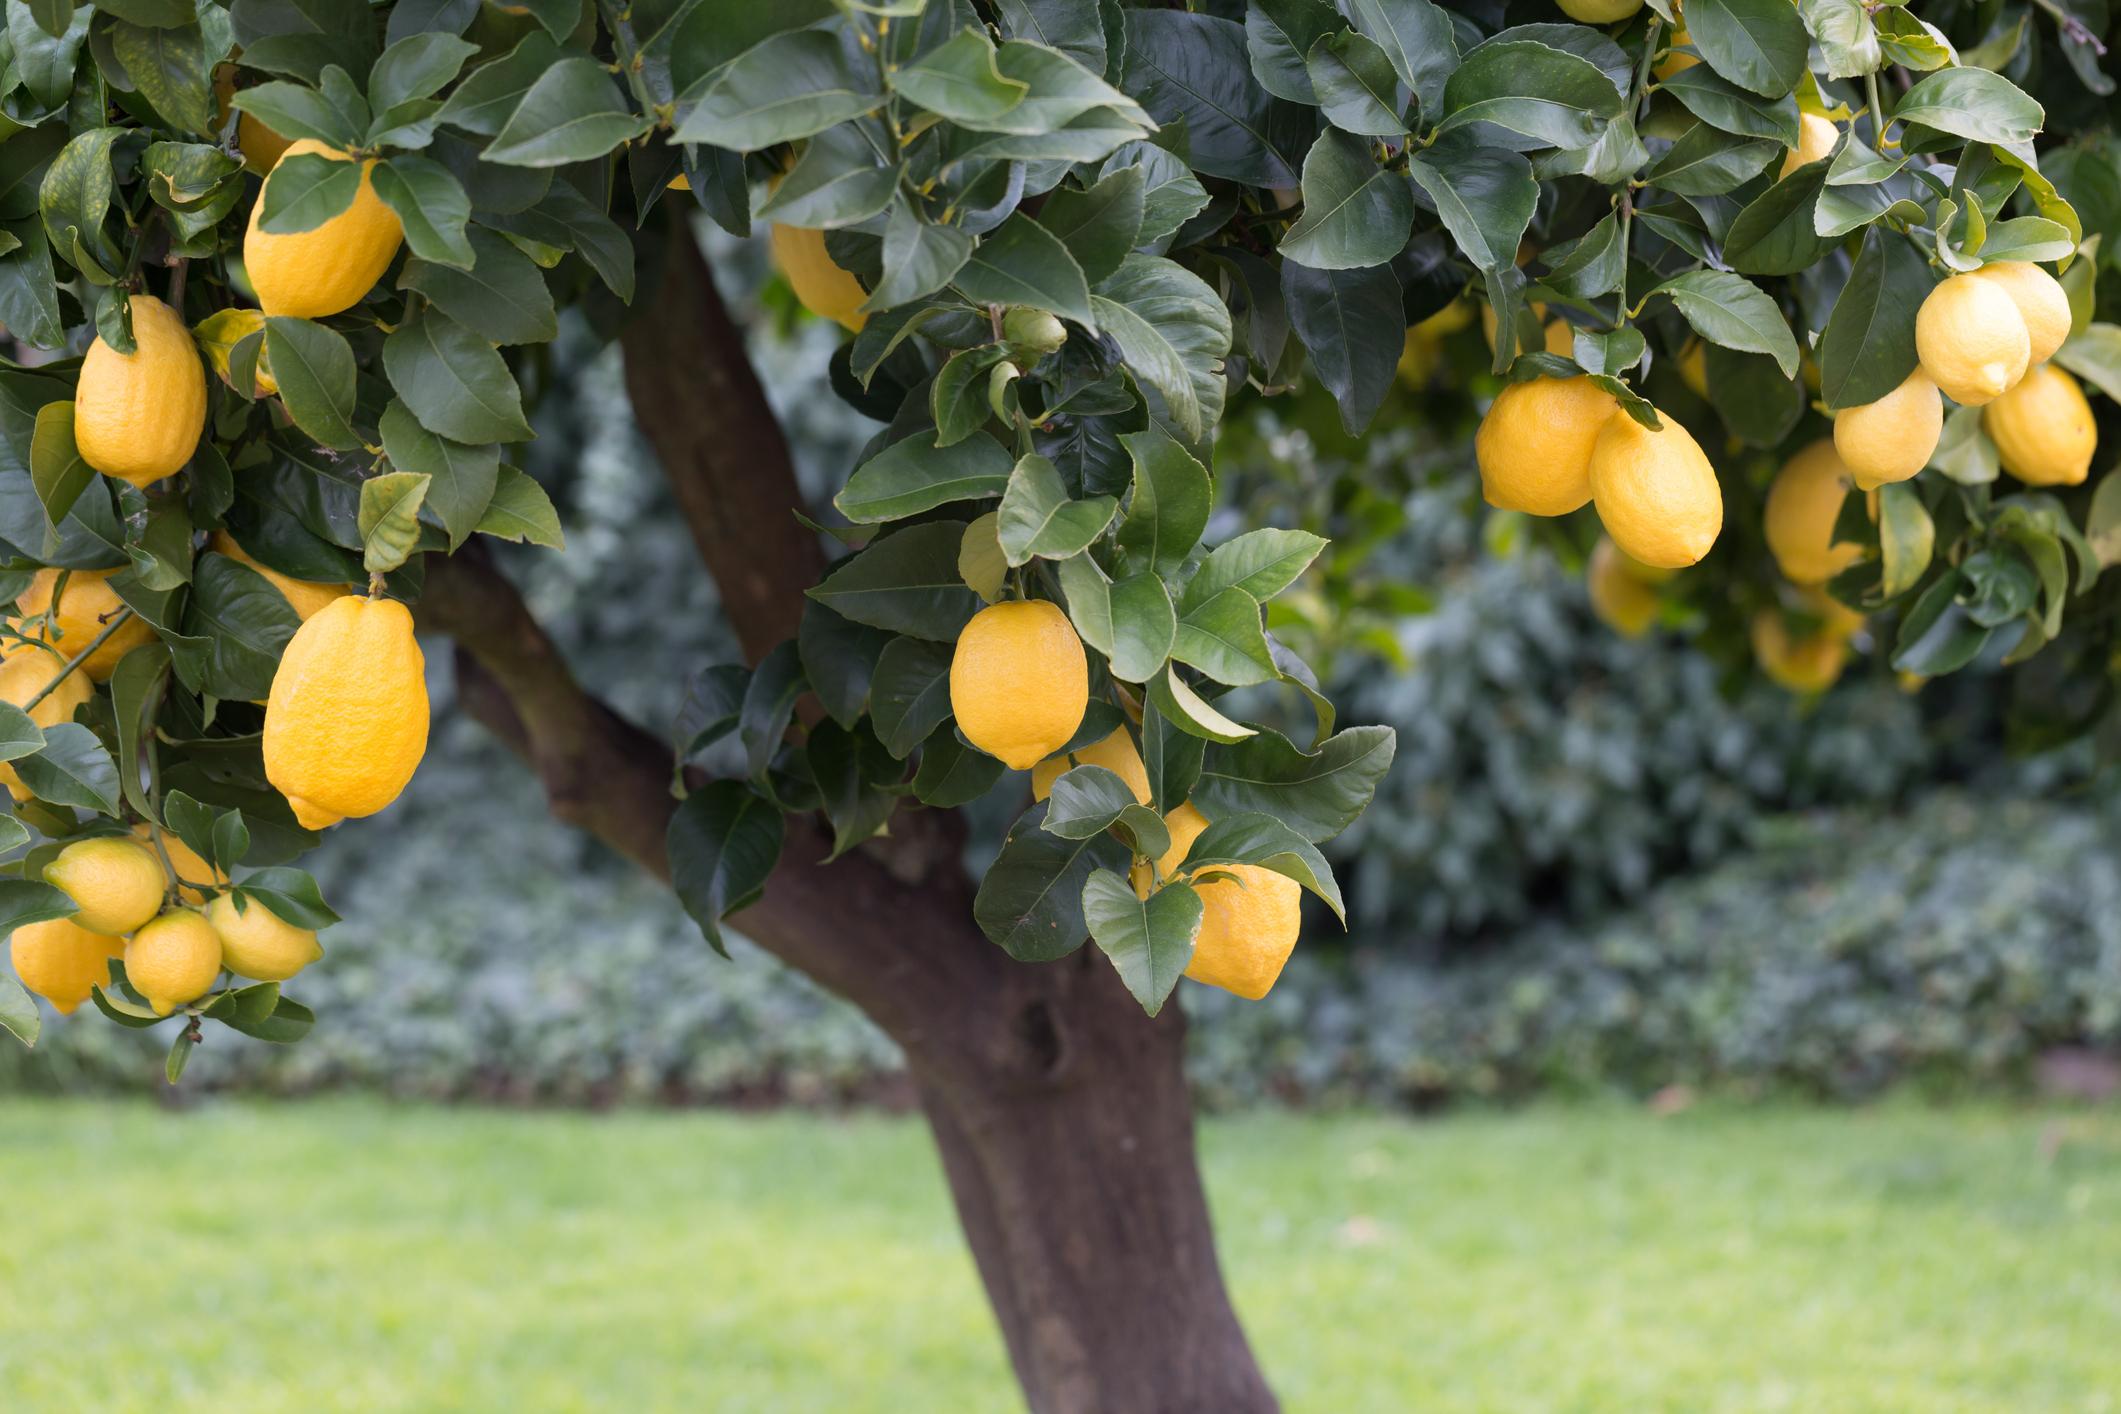 Lemon tree with large, ripe fruit.